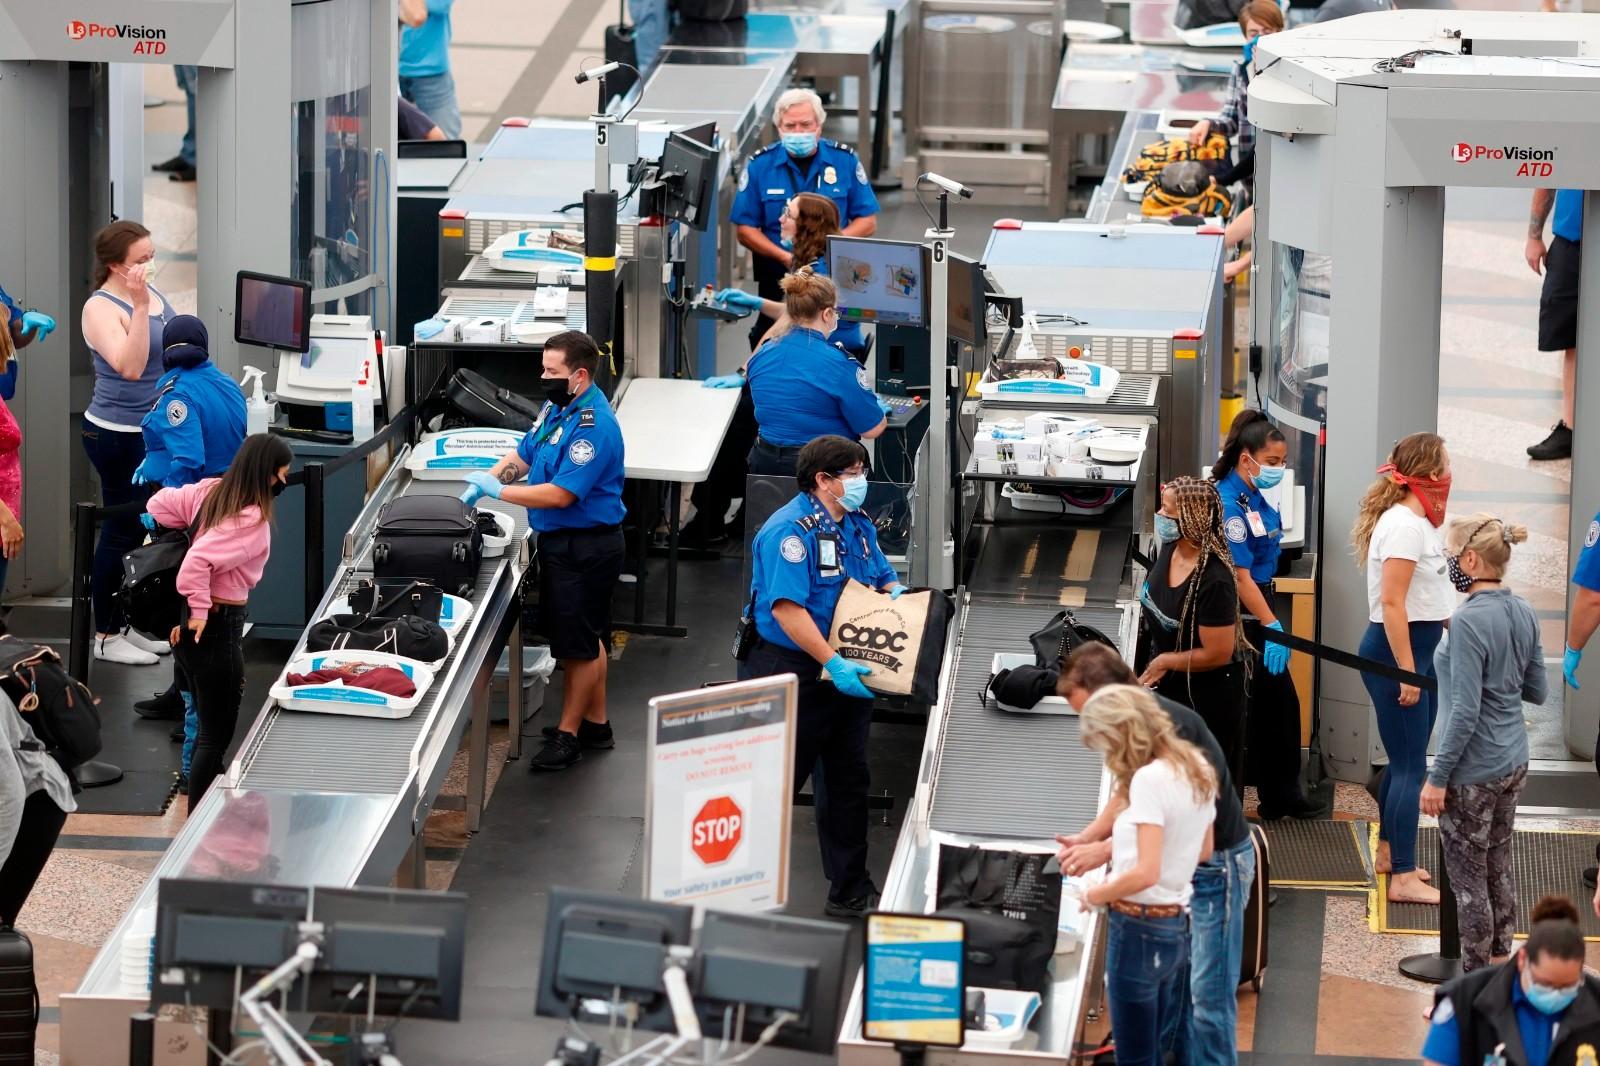 全美131个机场安检人员短缺 TSA奖$1000雇新员工_图1-1